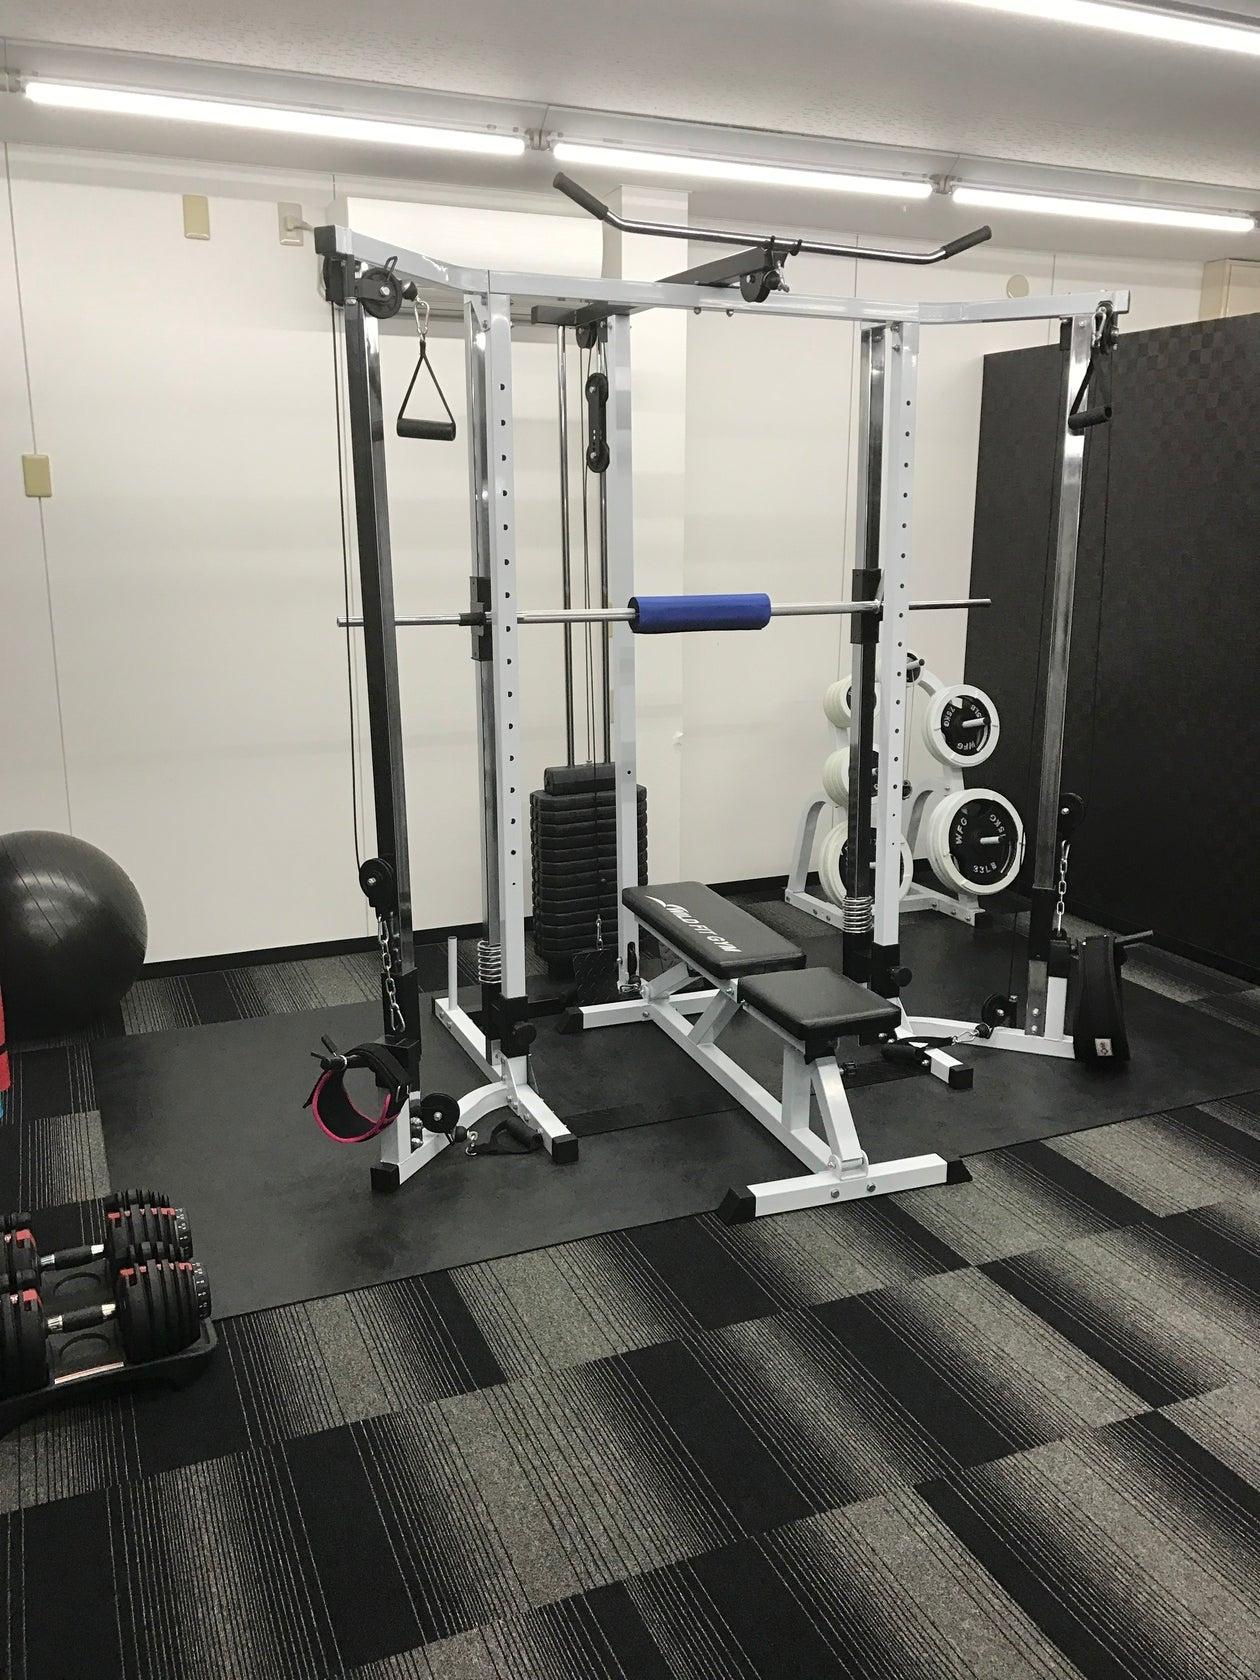 レンタル個室ジムで、集中してトレーニング!複数人利用も可能!(レンタル個室ジム!完全個室で集中してトレーニング) の写真0